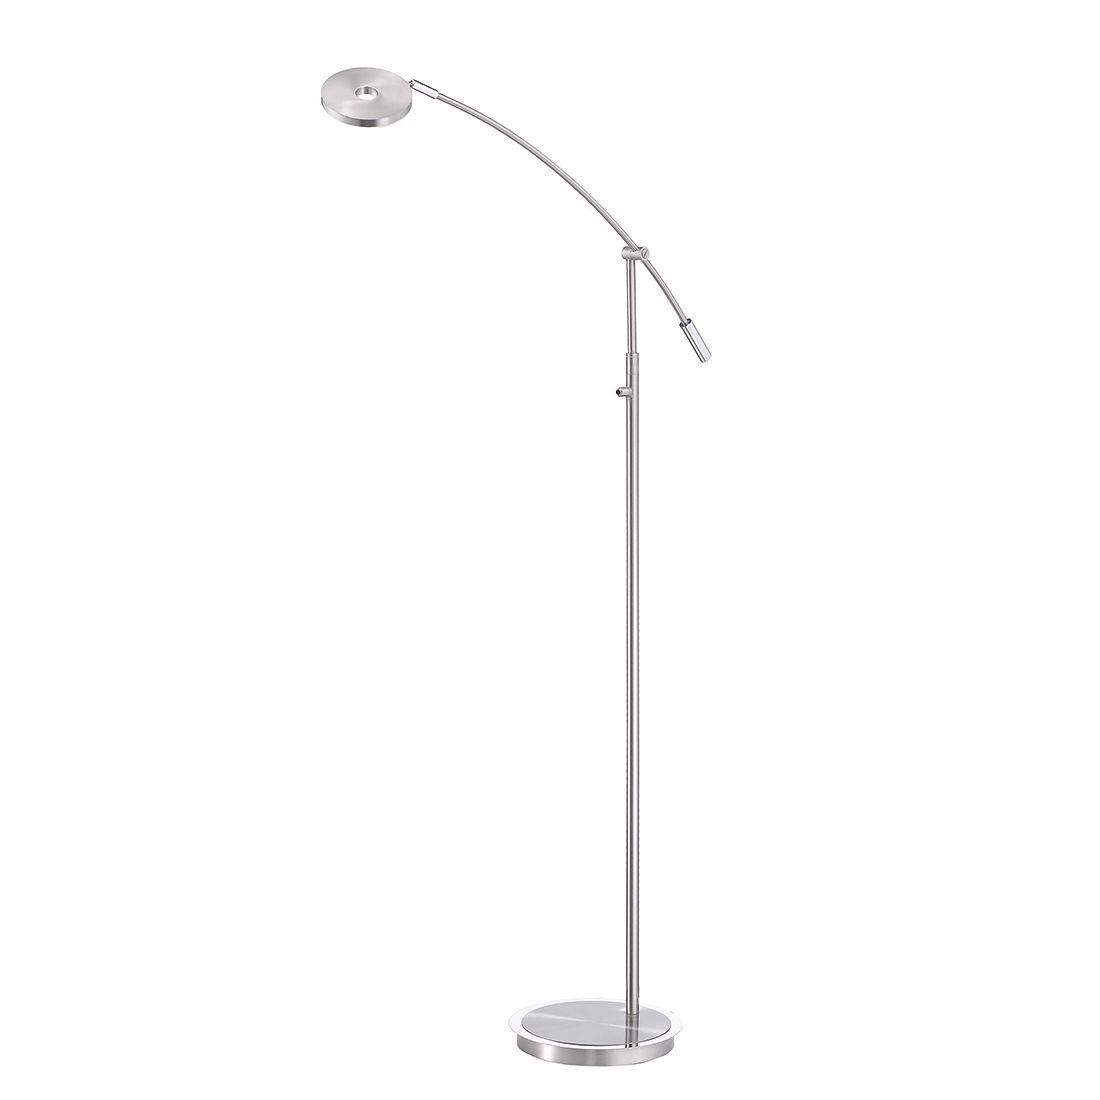 energie  A+, Staande lamp Darà - mat nikkelkleurig/verchroomd metaal 1 lichtbron, FLI Leuchten